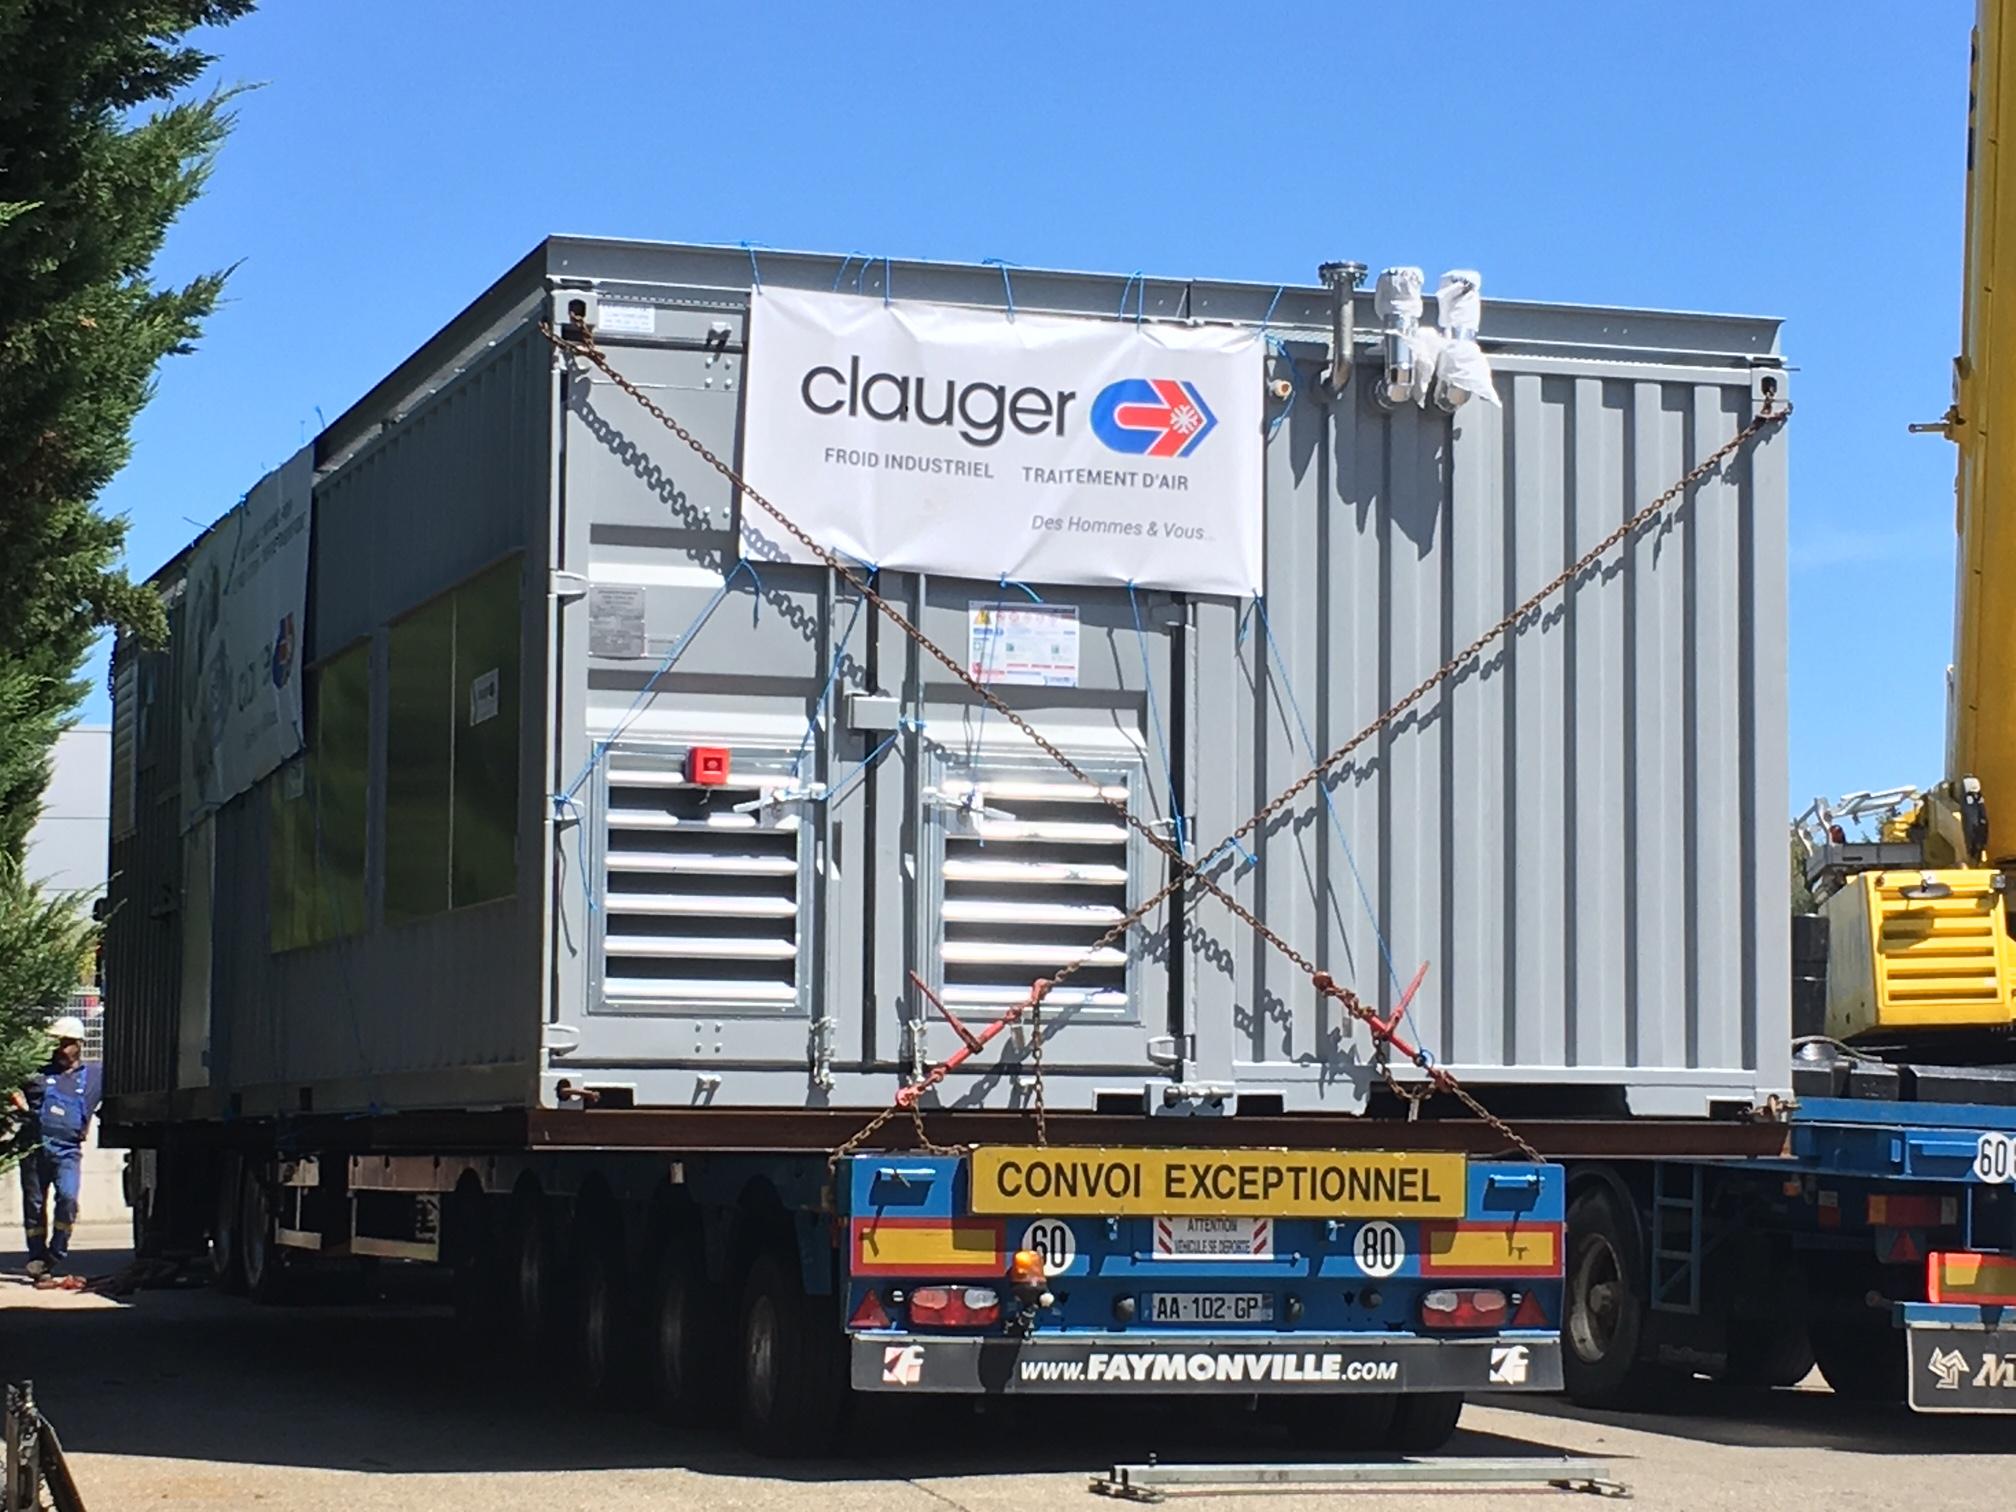 convoi exceptionnel : un double container pour une production d'énergie frigorifique